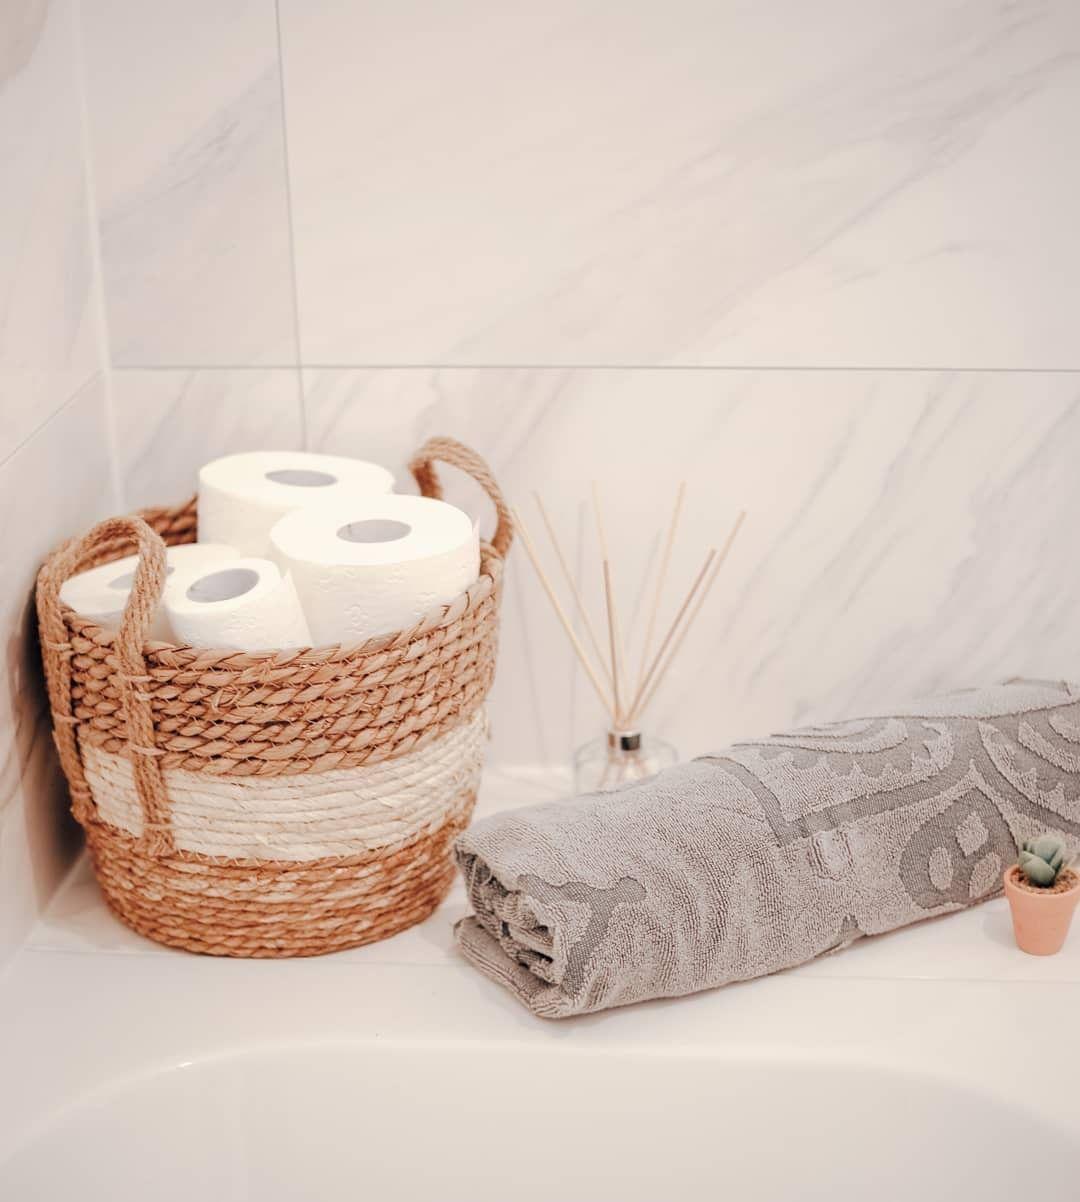 Ordnung Mit Stil Ob Fur Handtucher Toilettenpapier Oder Andere